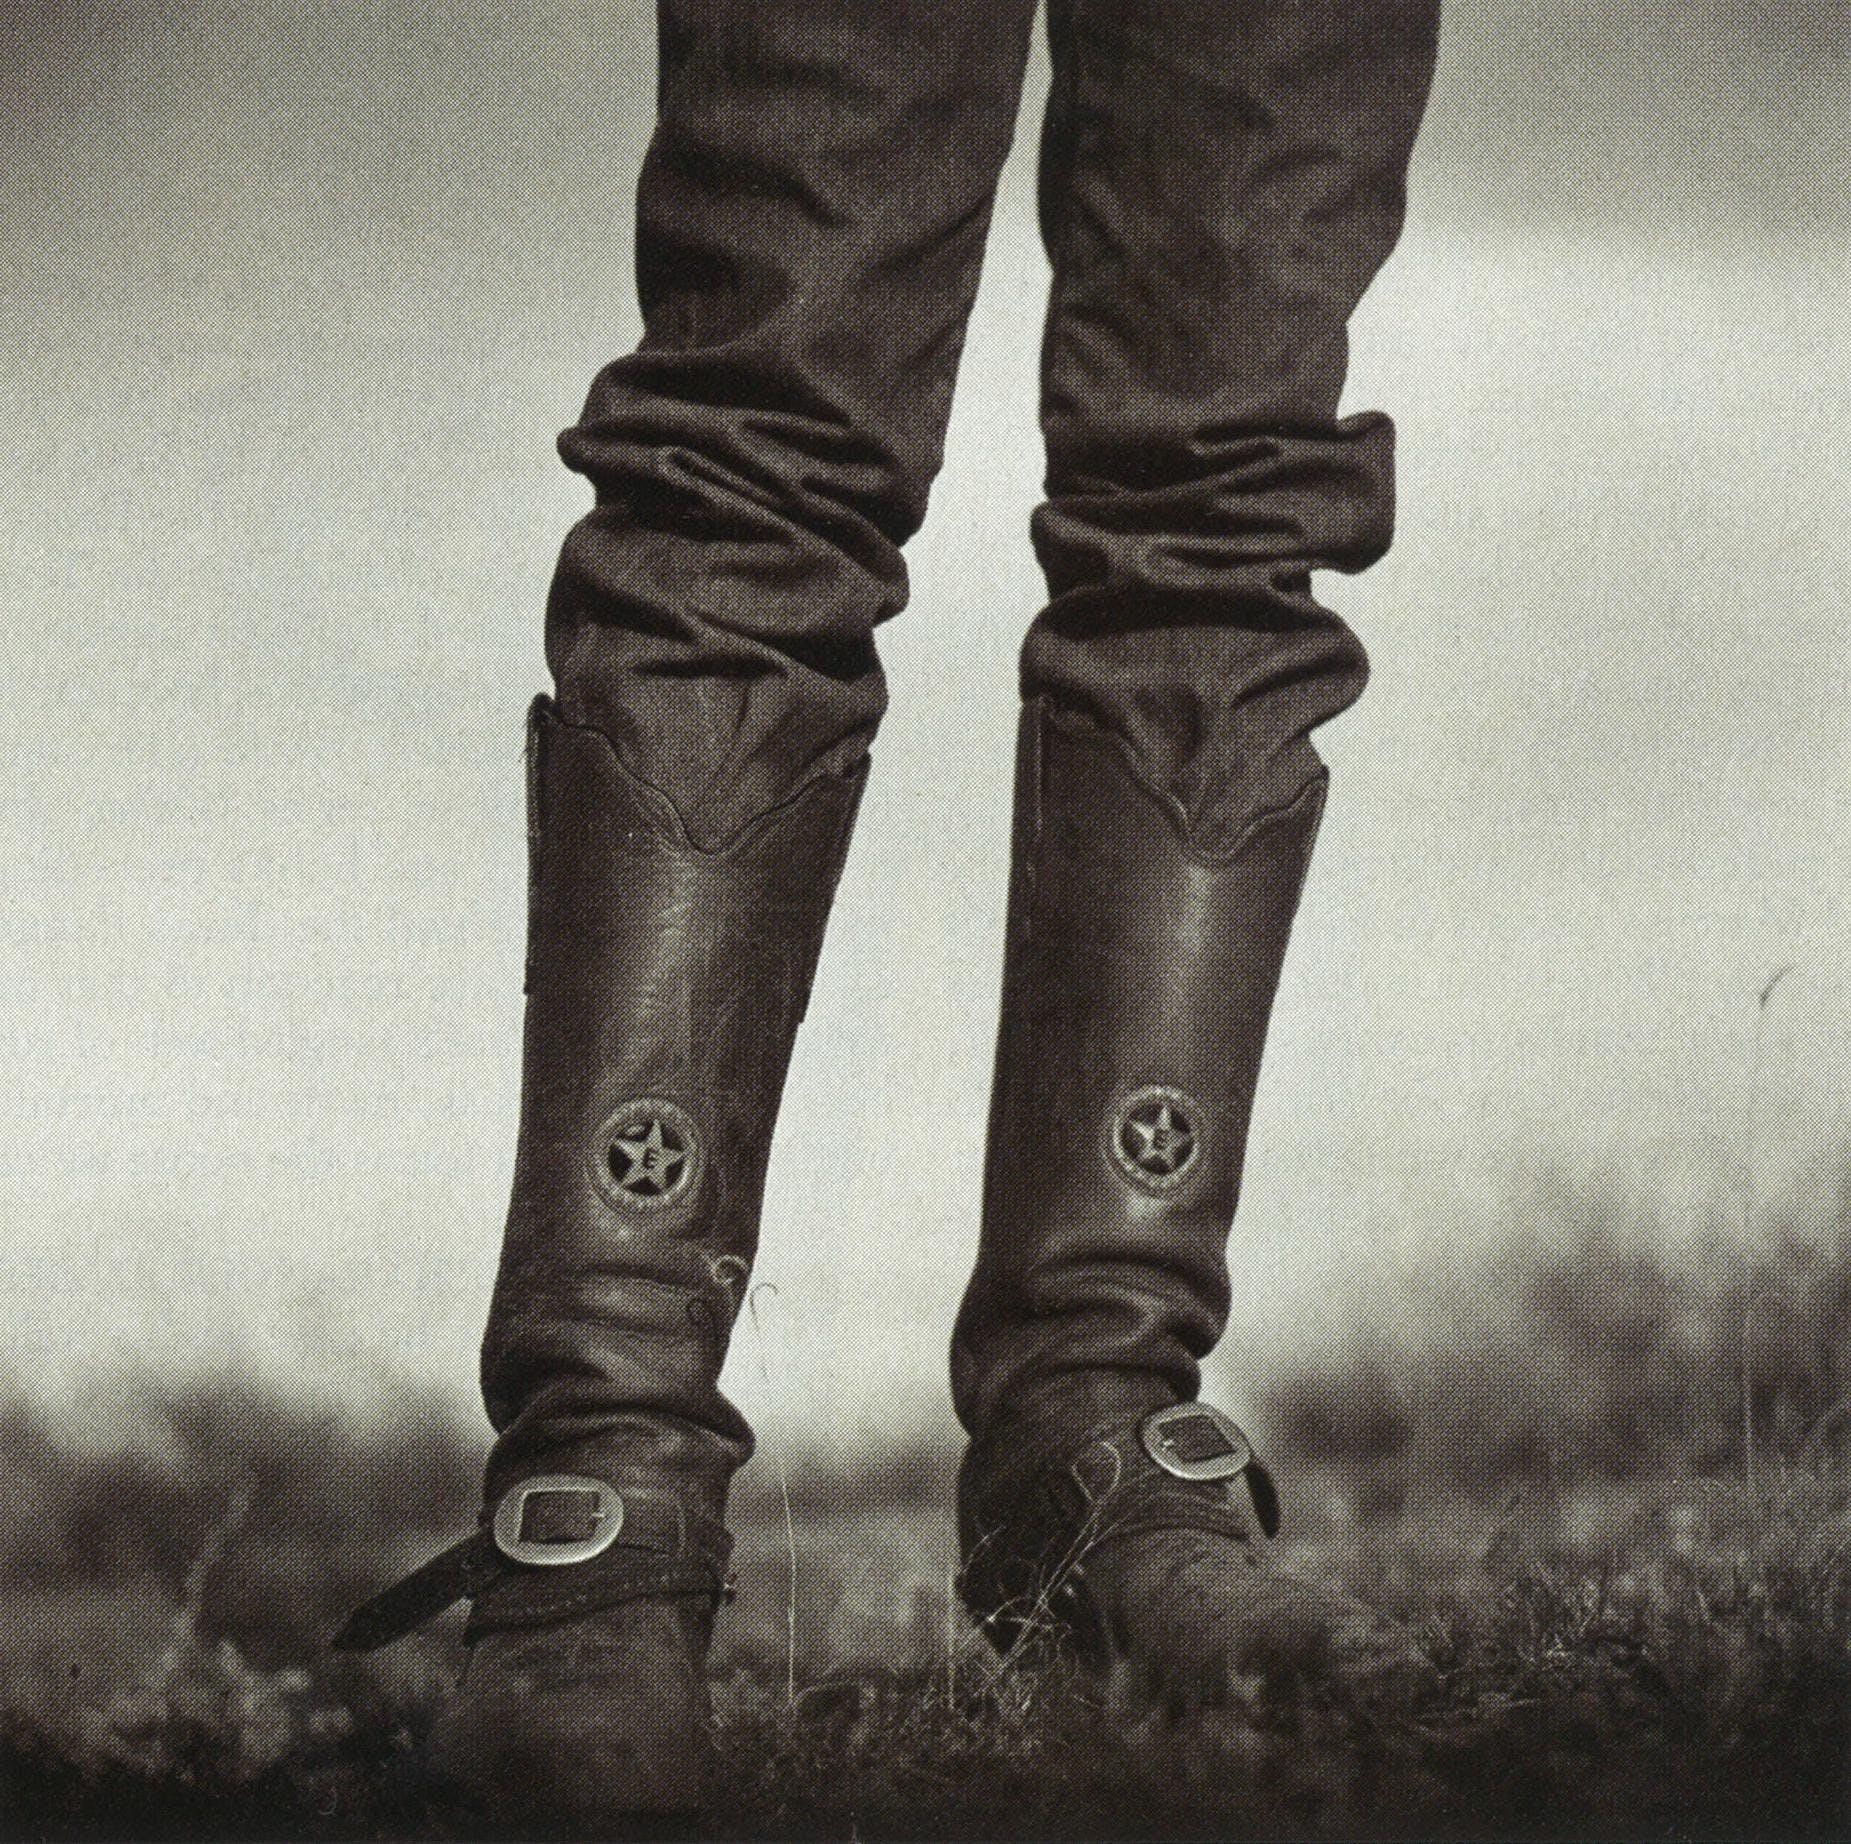 A Ranger's boots may display his distinctive badge.